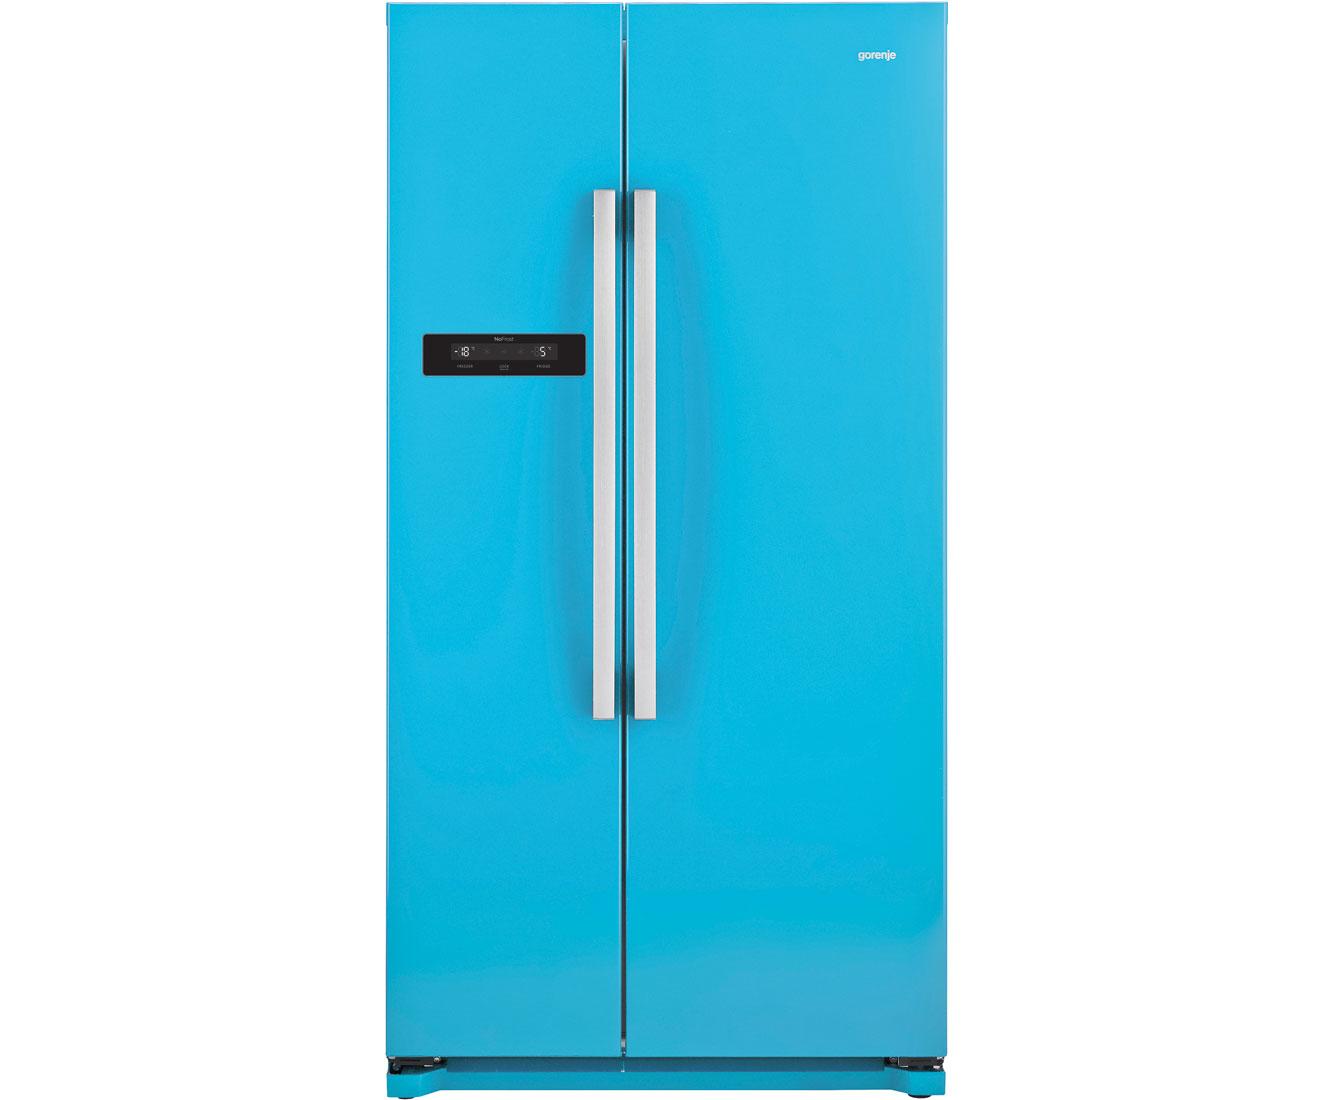 Amerikanischer Kühlschrank Blau : Gorenje nrs bbl amerikanischer side by side l blau a